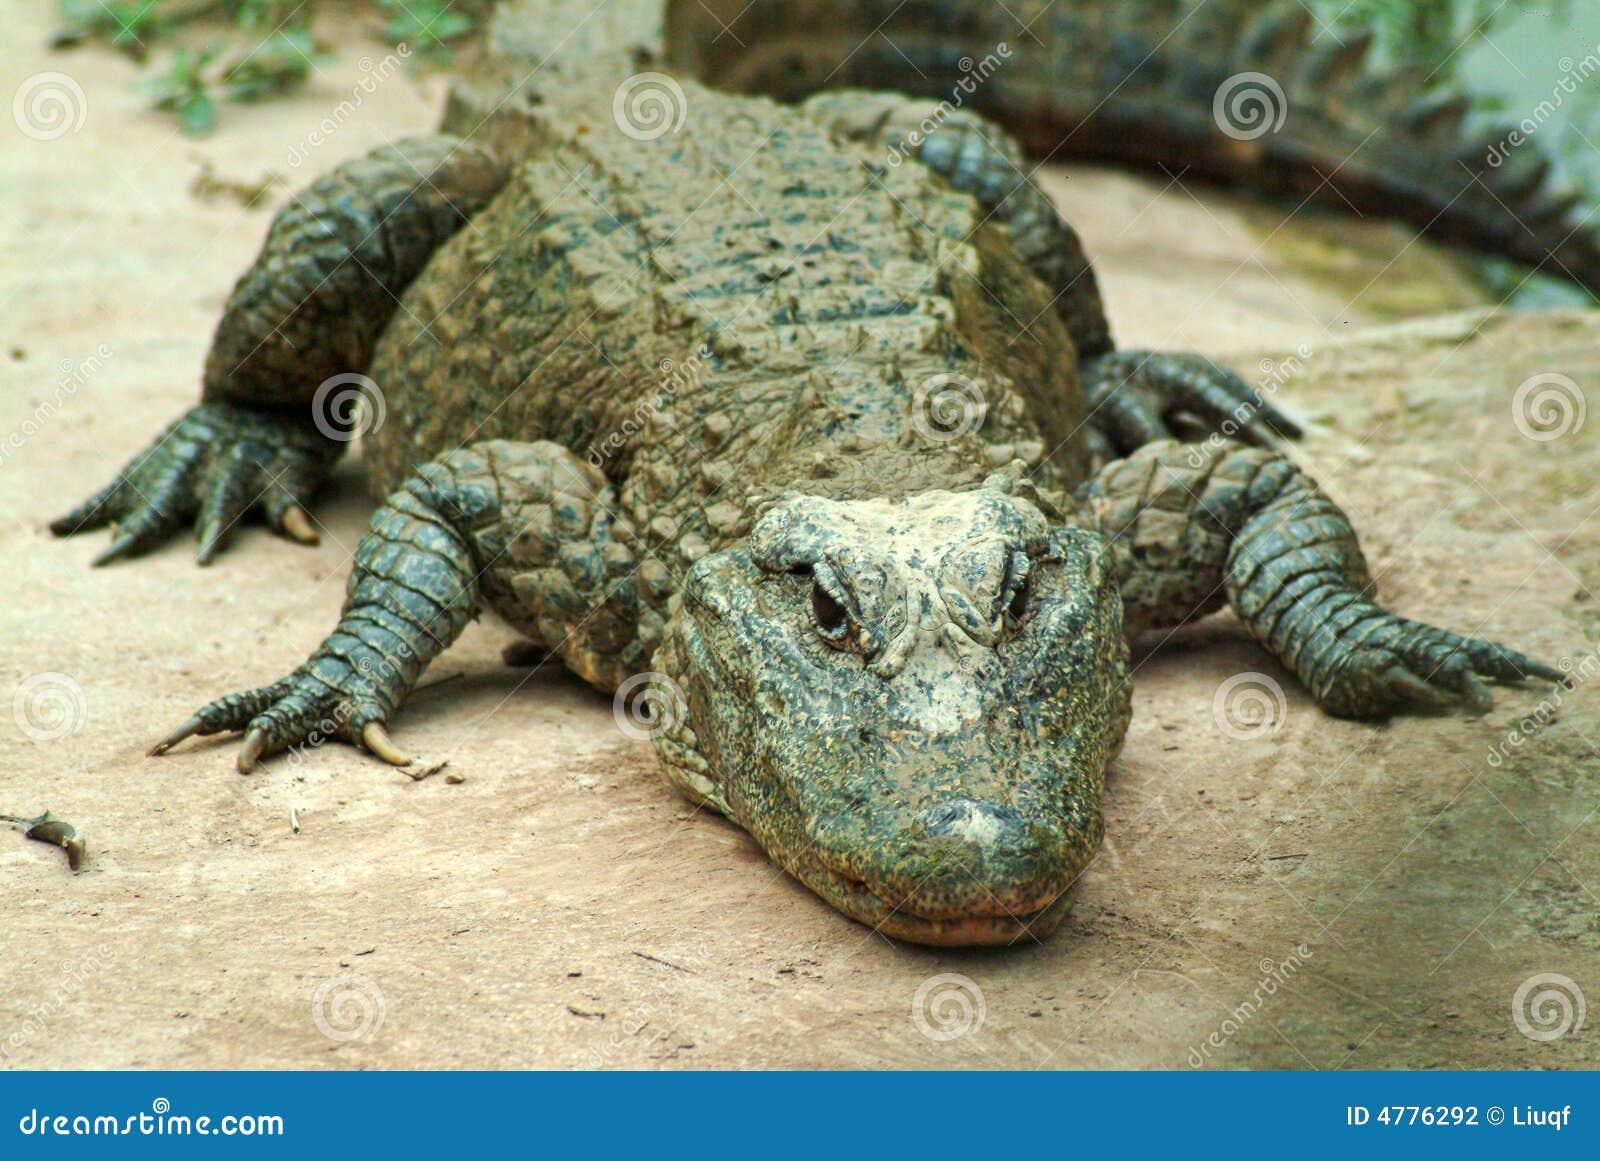 Sinensis d alligator